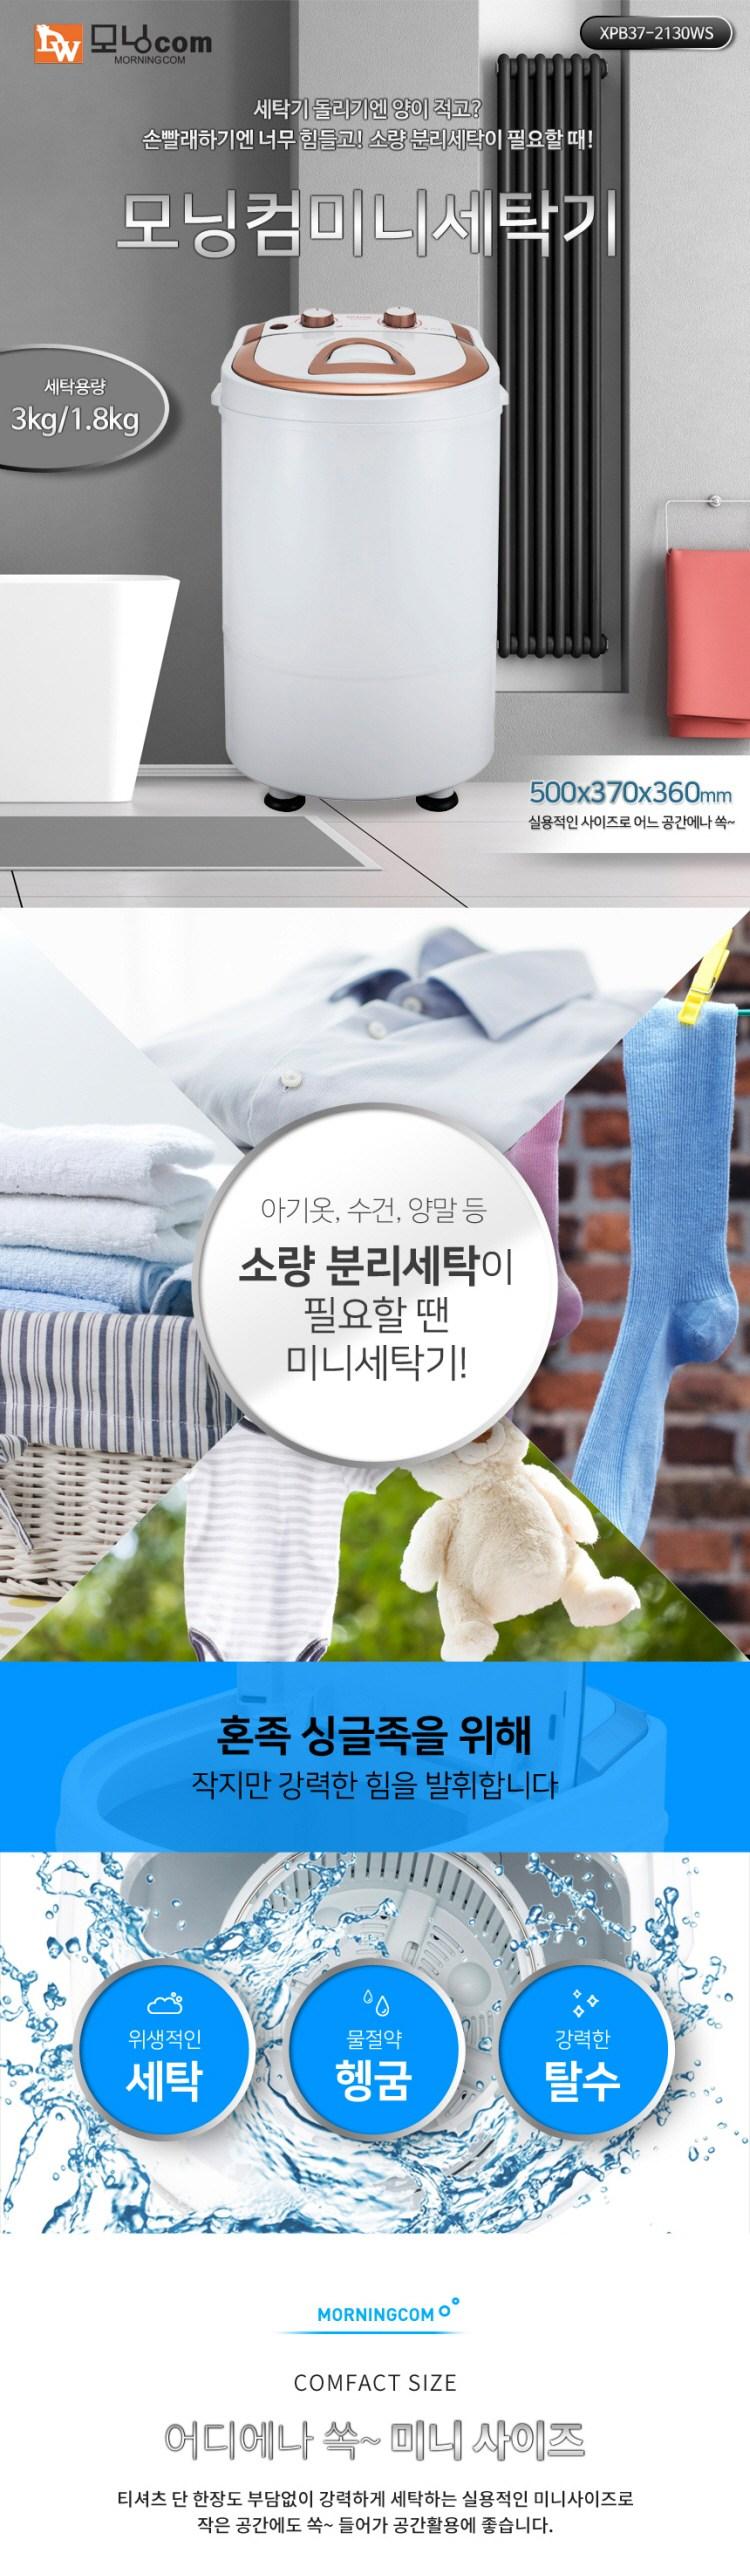 소형세탁기,자취생세탁기,속옷세탁기,양말세탁기,걸레세탁기,개별세탁기,대웅세탁기